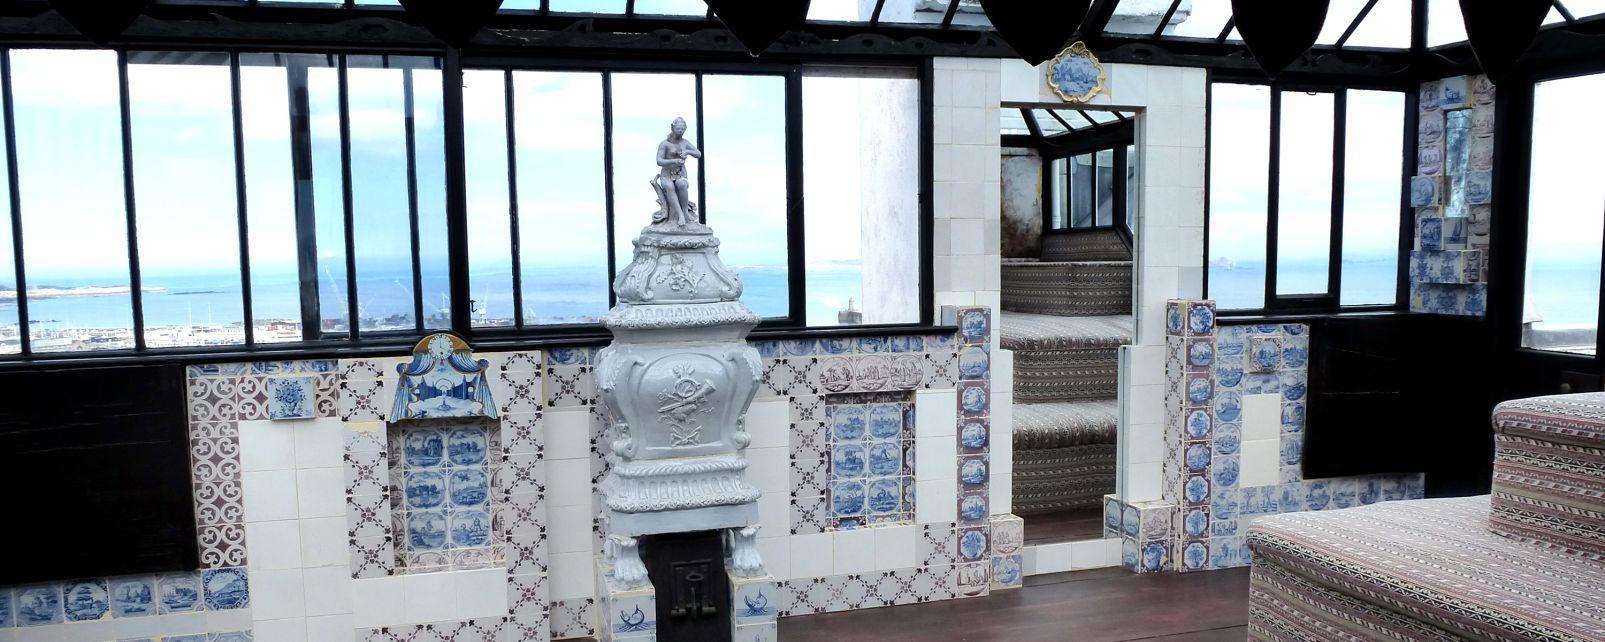 La Résidence Hauteville de Victor Hugo, Hauteville House (Guernesey), Les monuments, Iles Anglo-Normandes